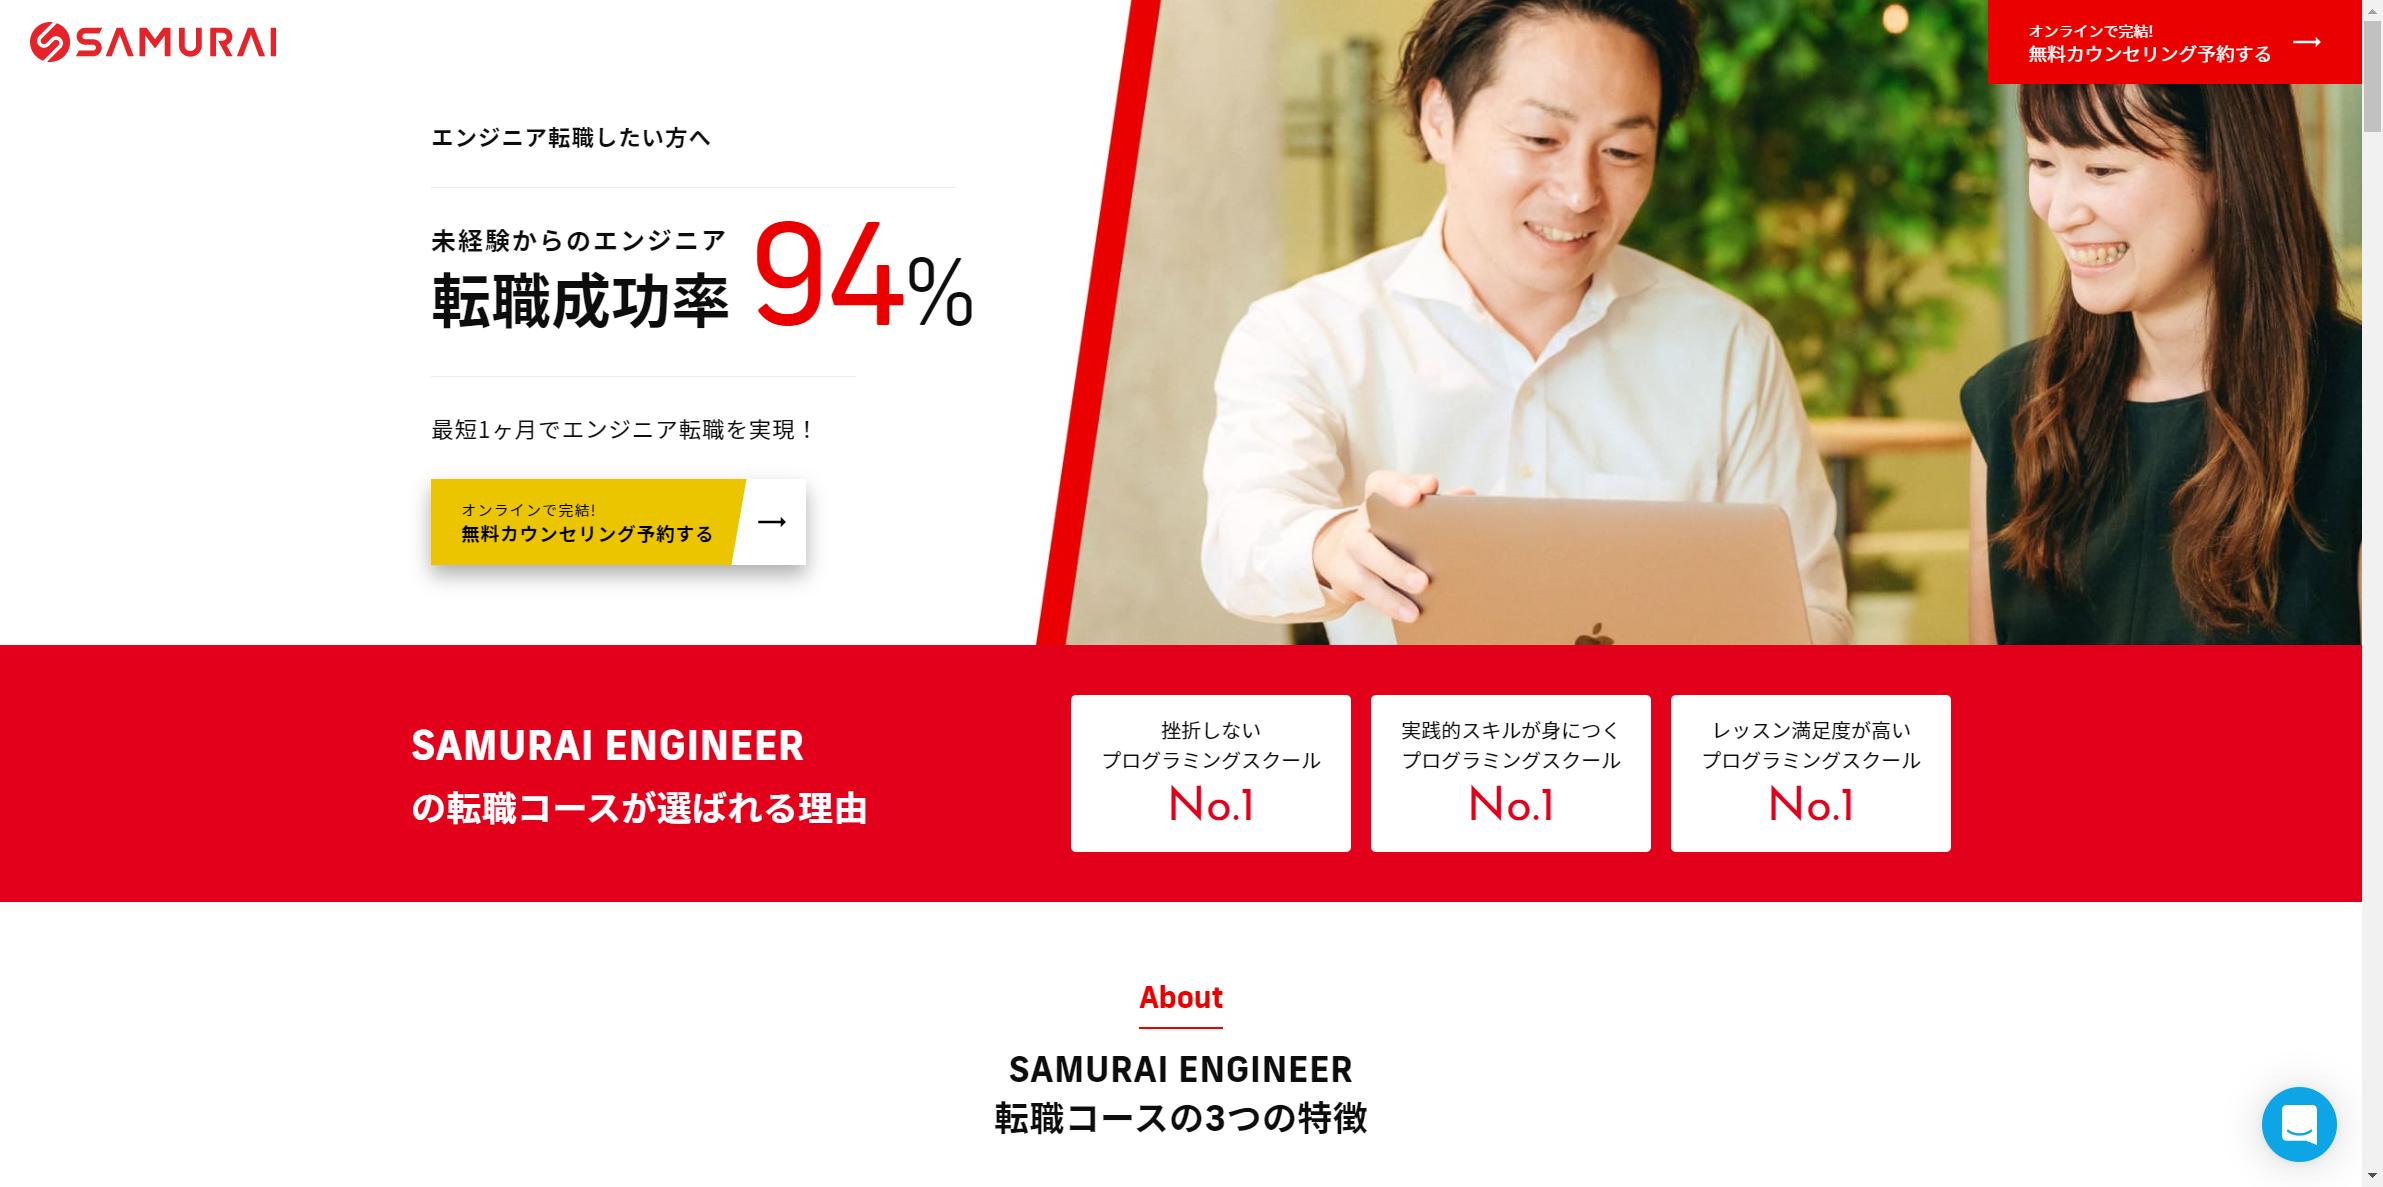 侍エンジニア塾 転職コース